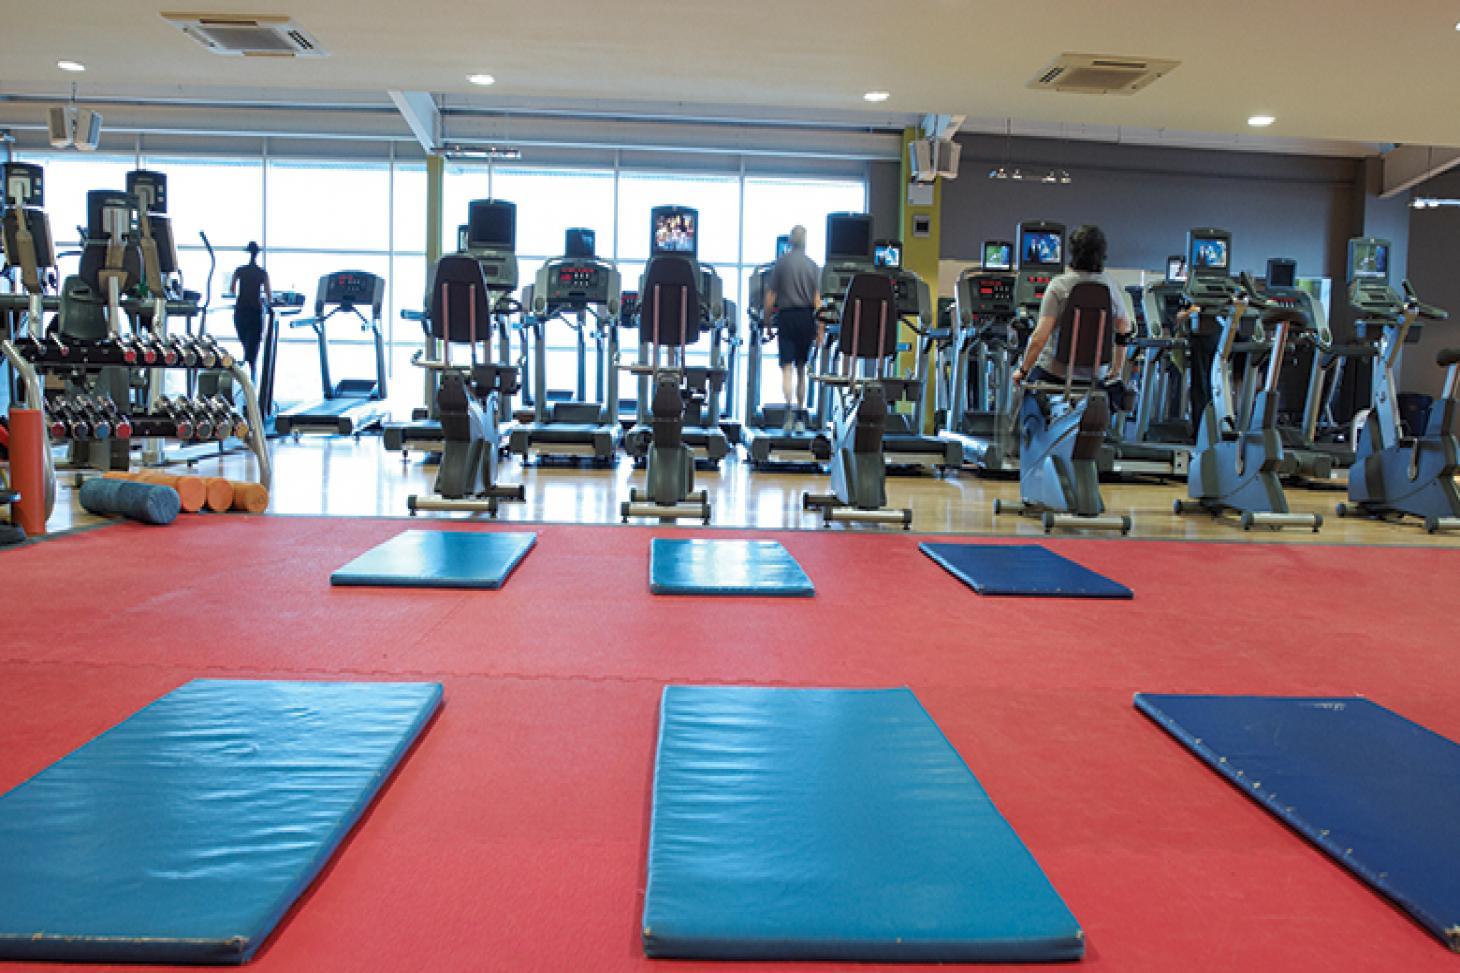 David Lloyd Luton Gym gym